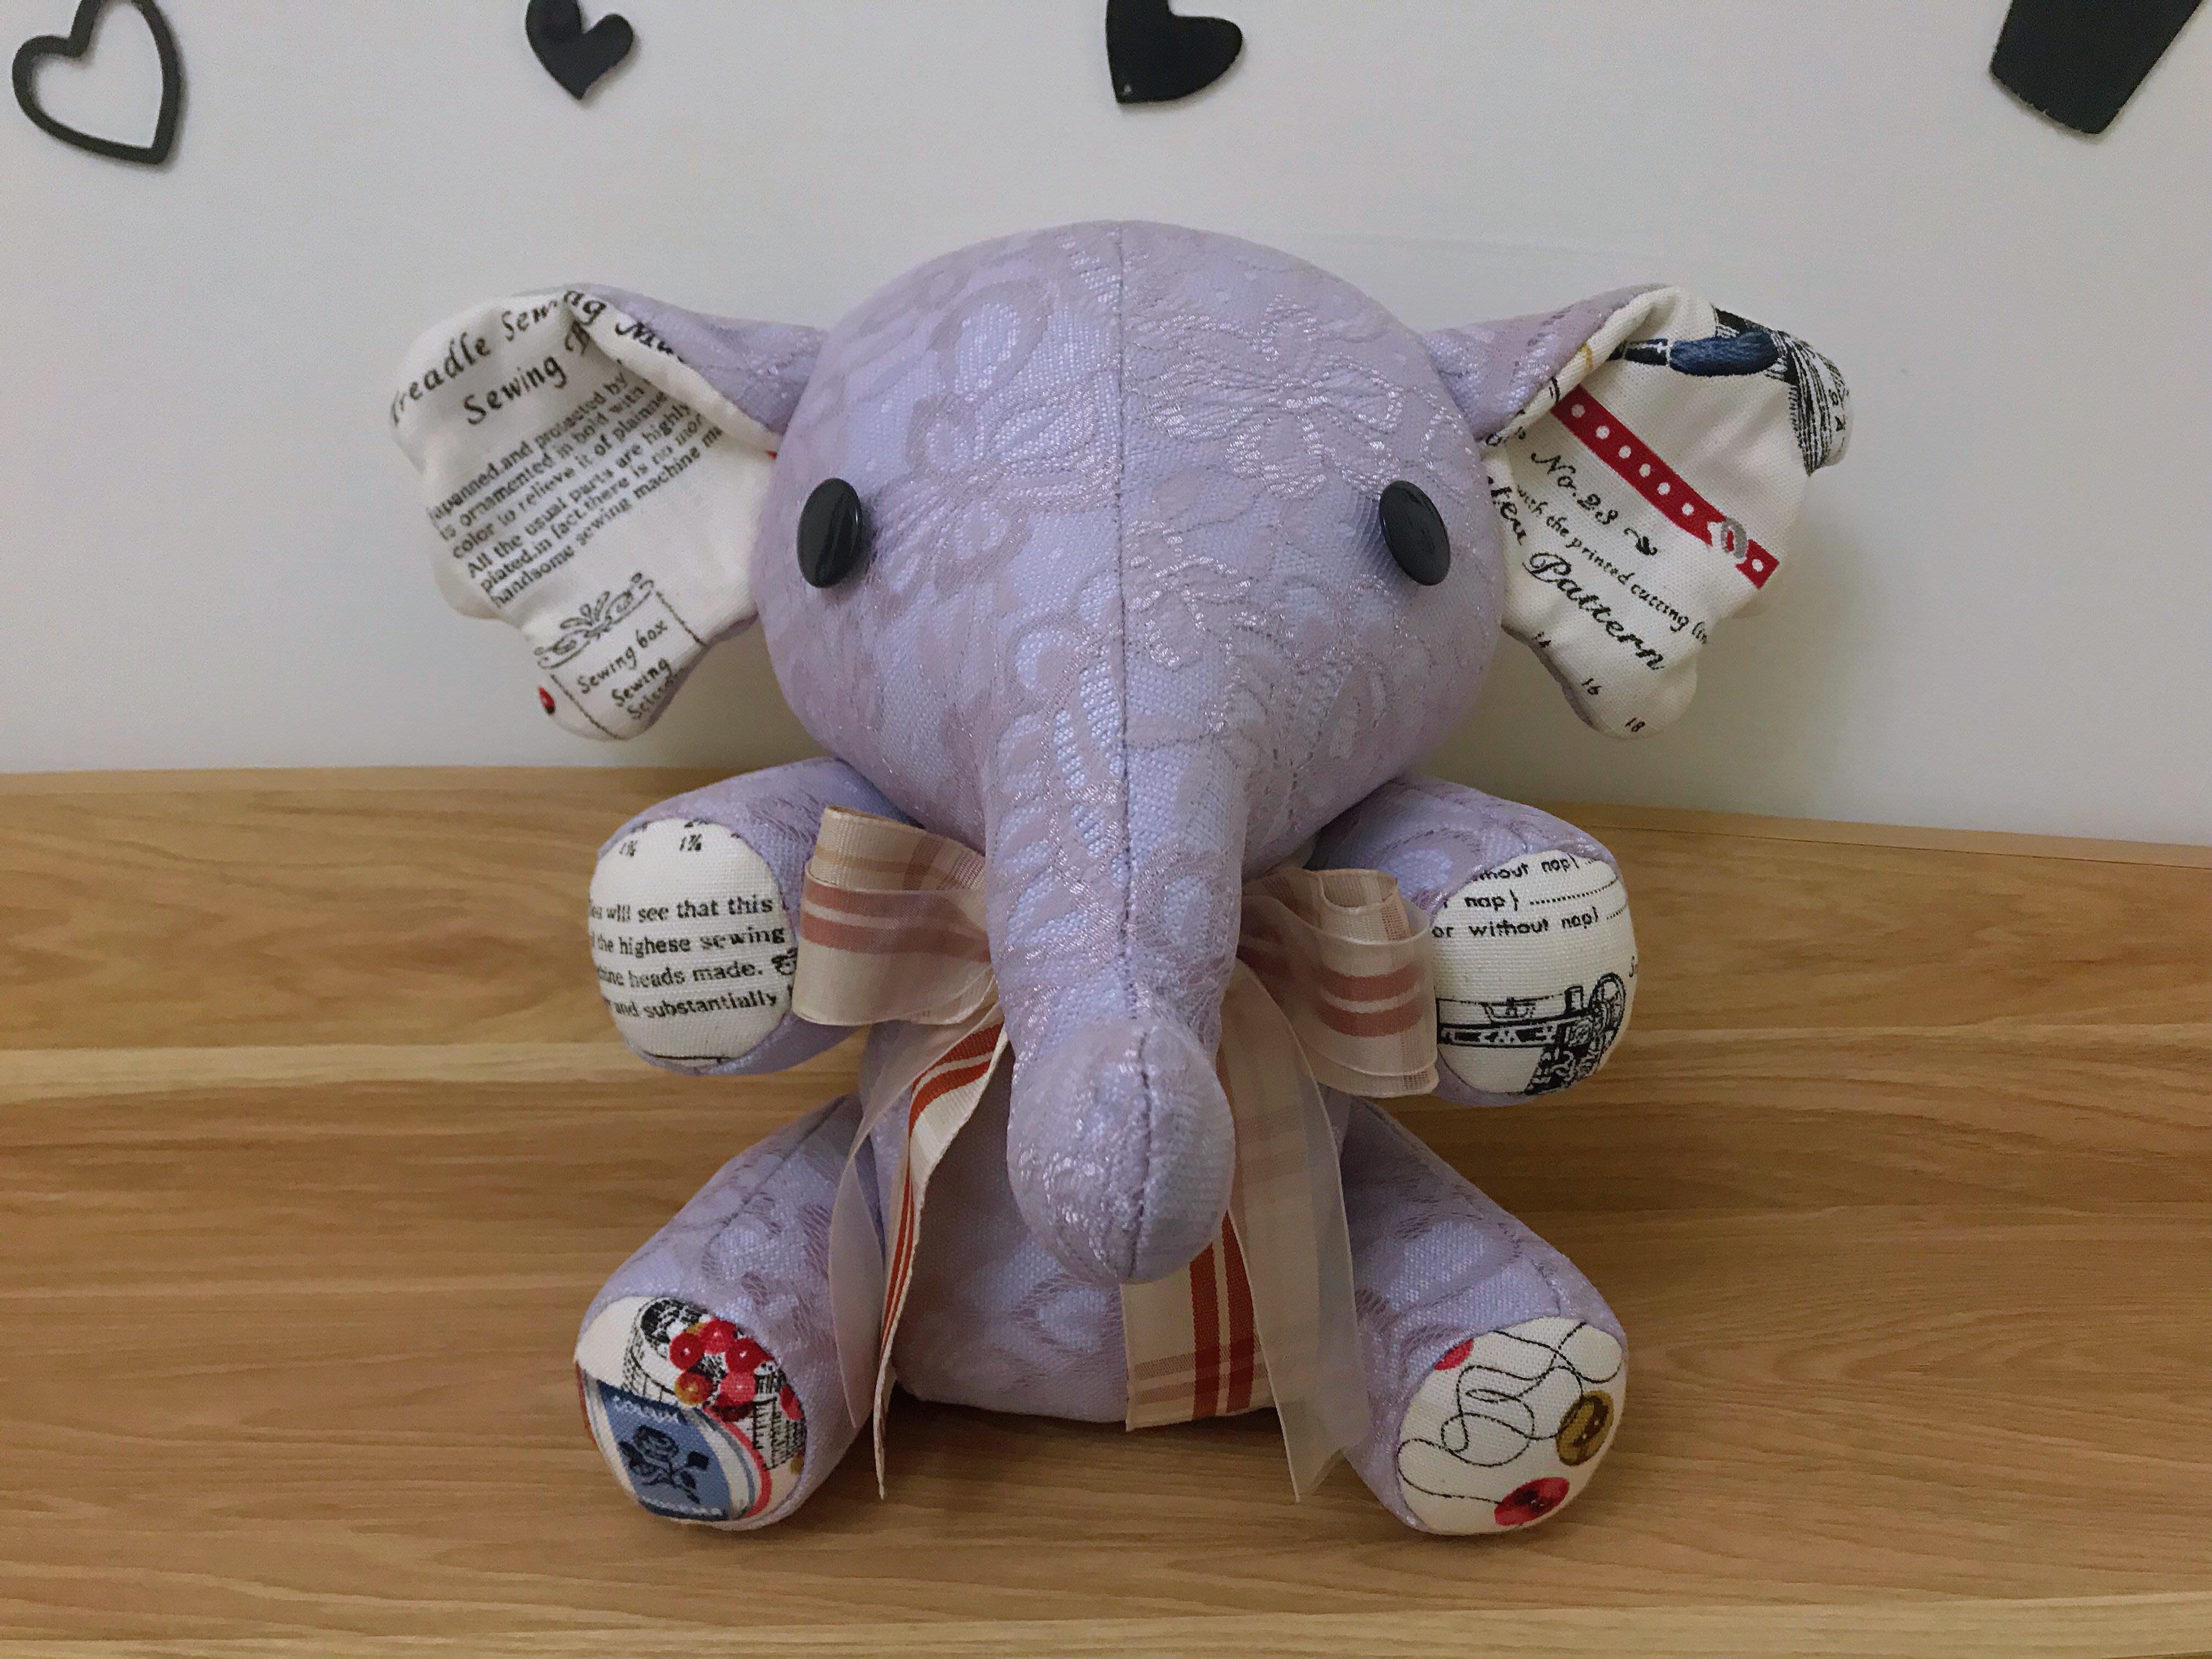 大象布偶 布偶象 蕾絲 純手工縫製 手工布偶